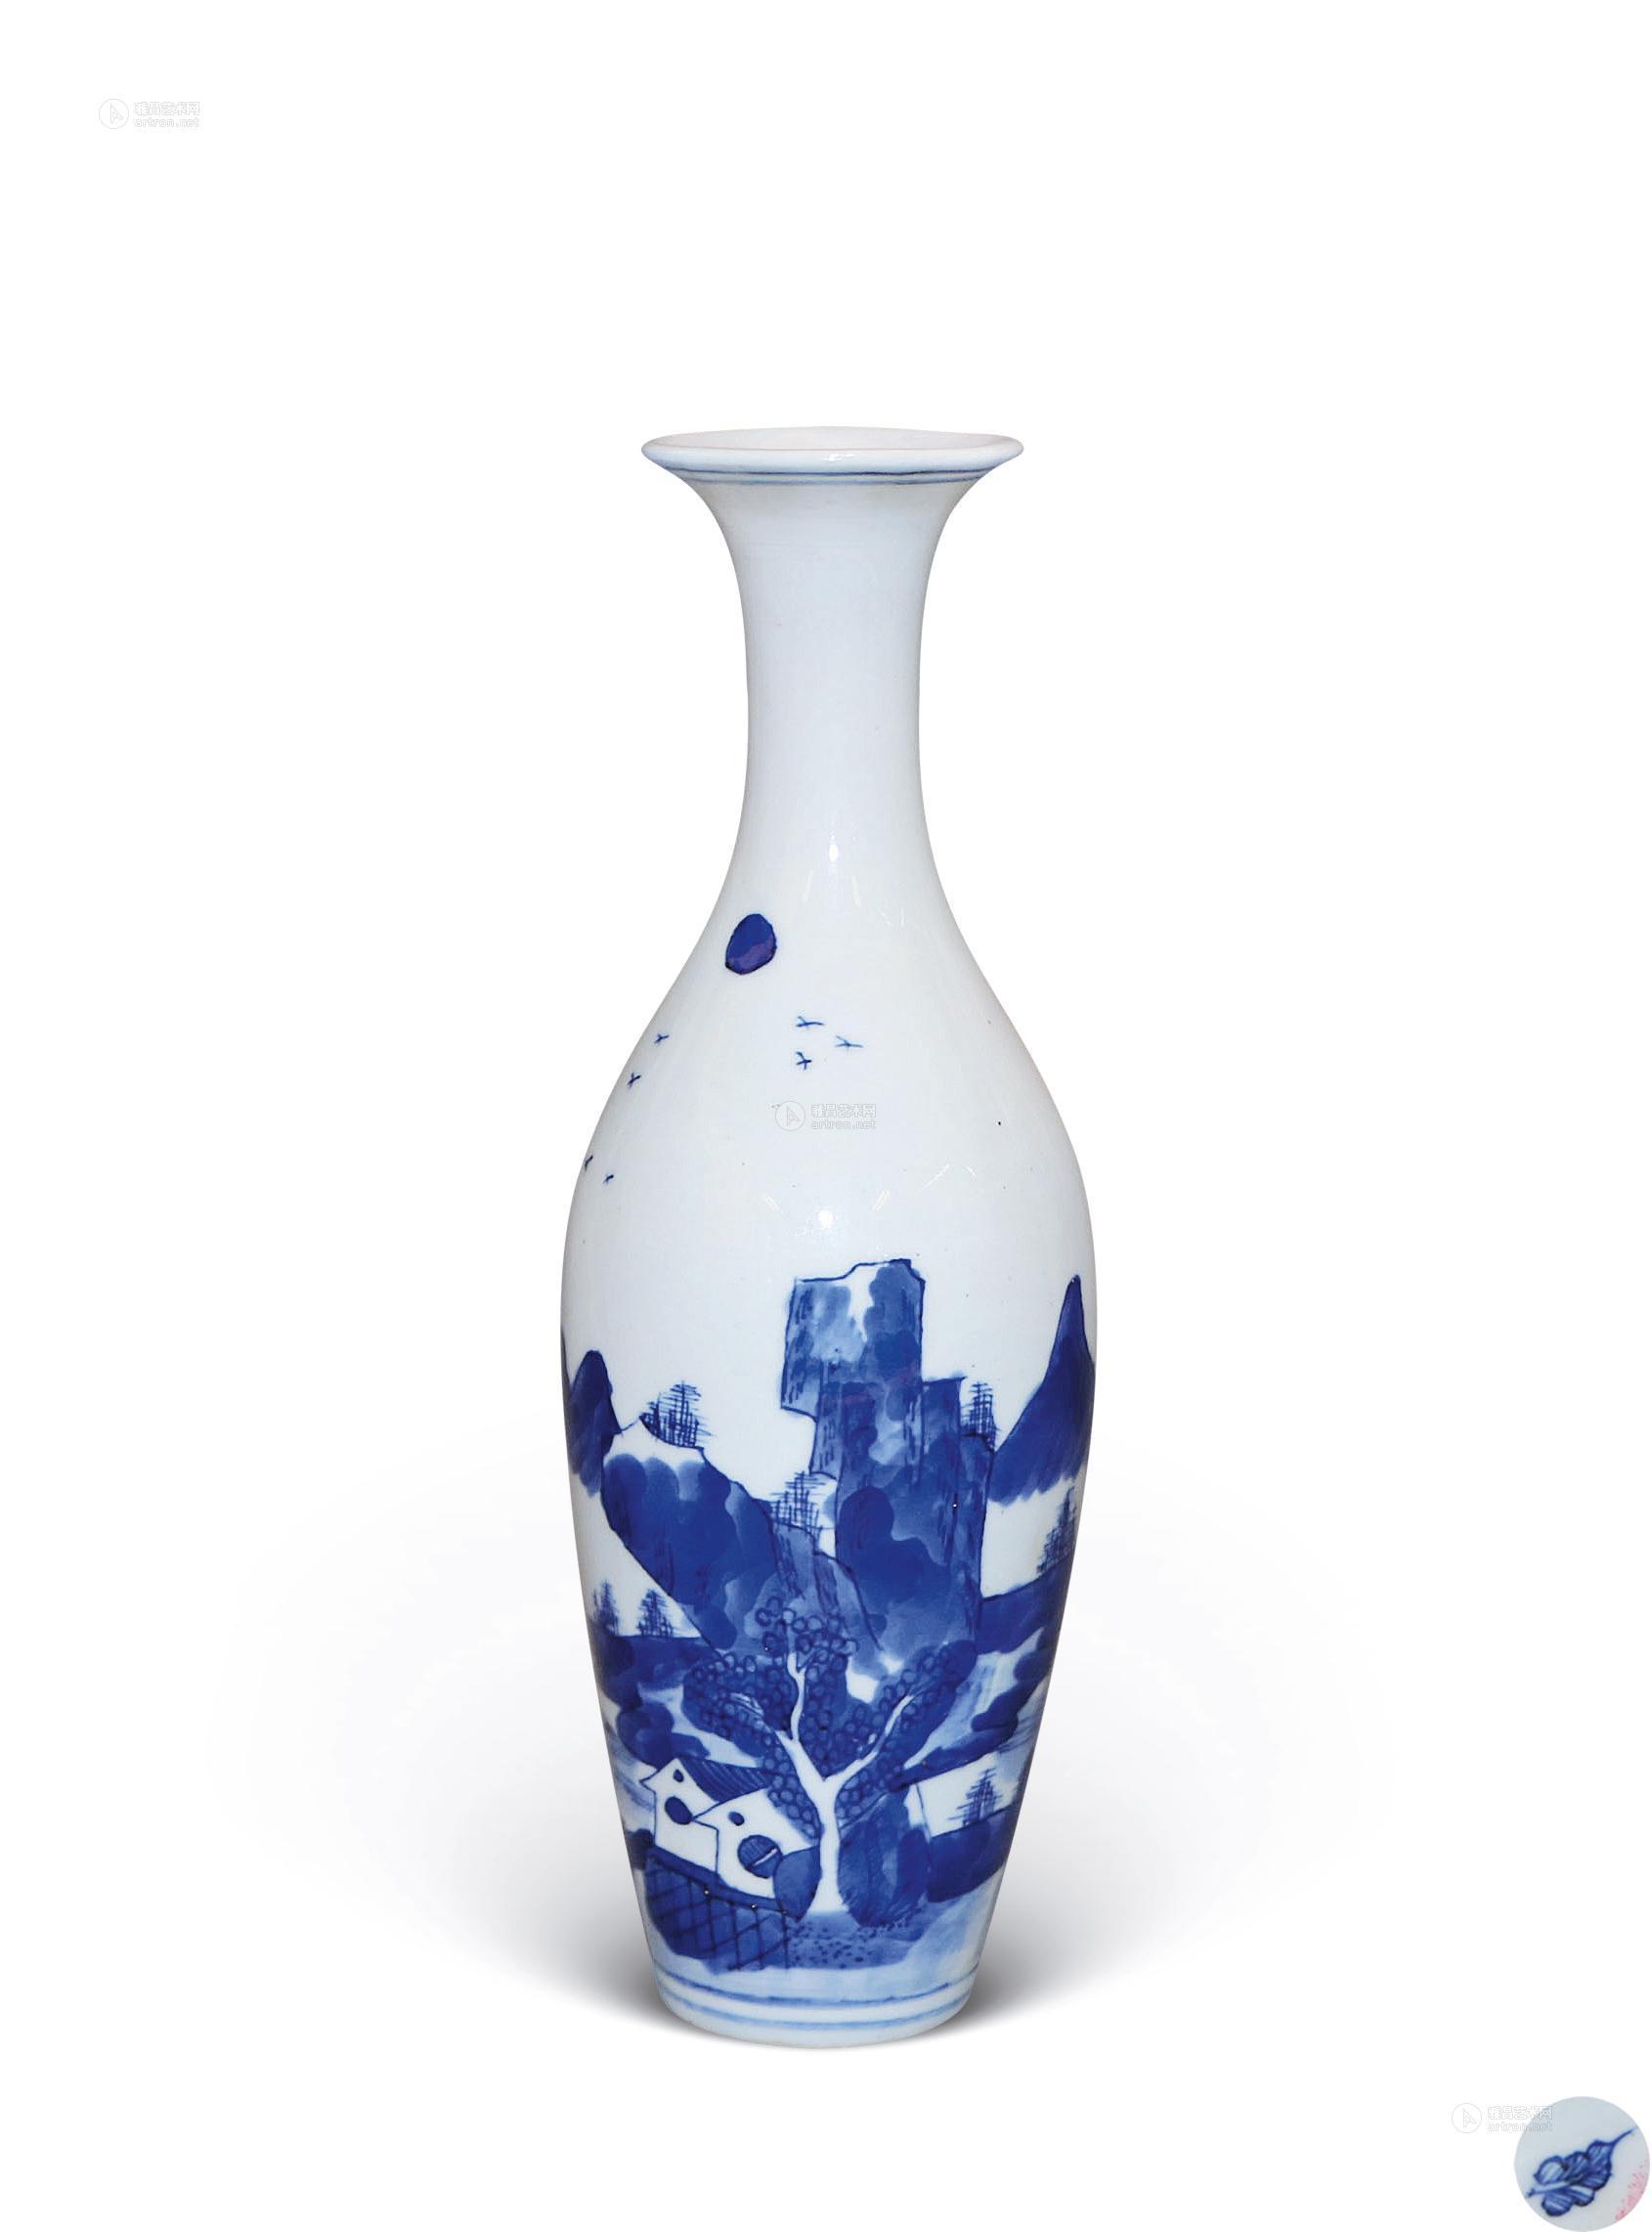 0264 康熙 青花山水纹柳叶瓶图片